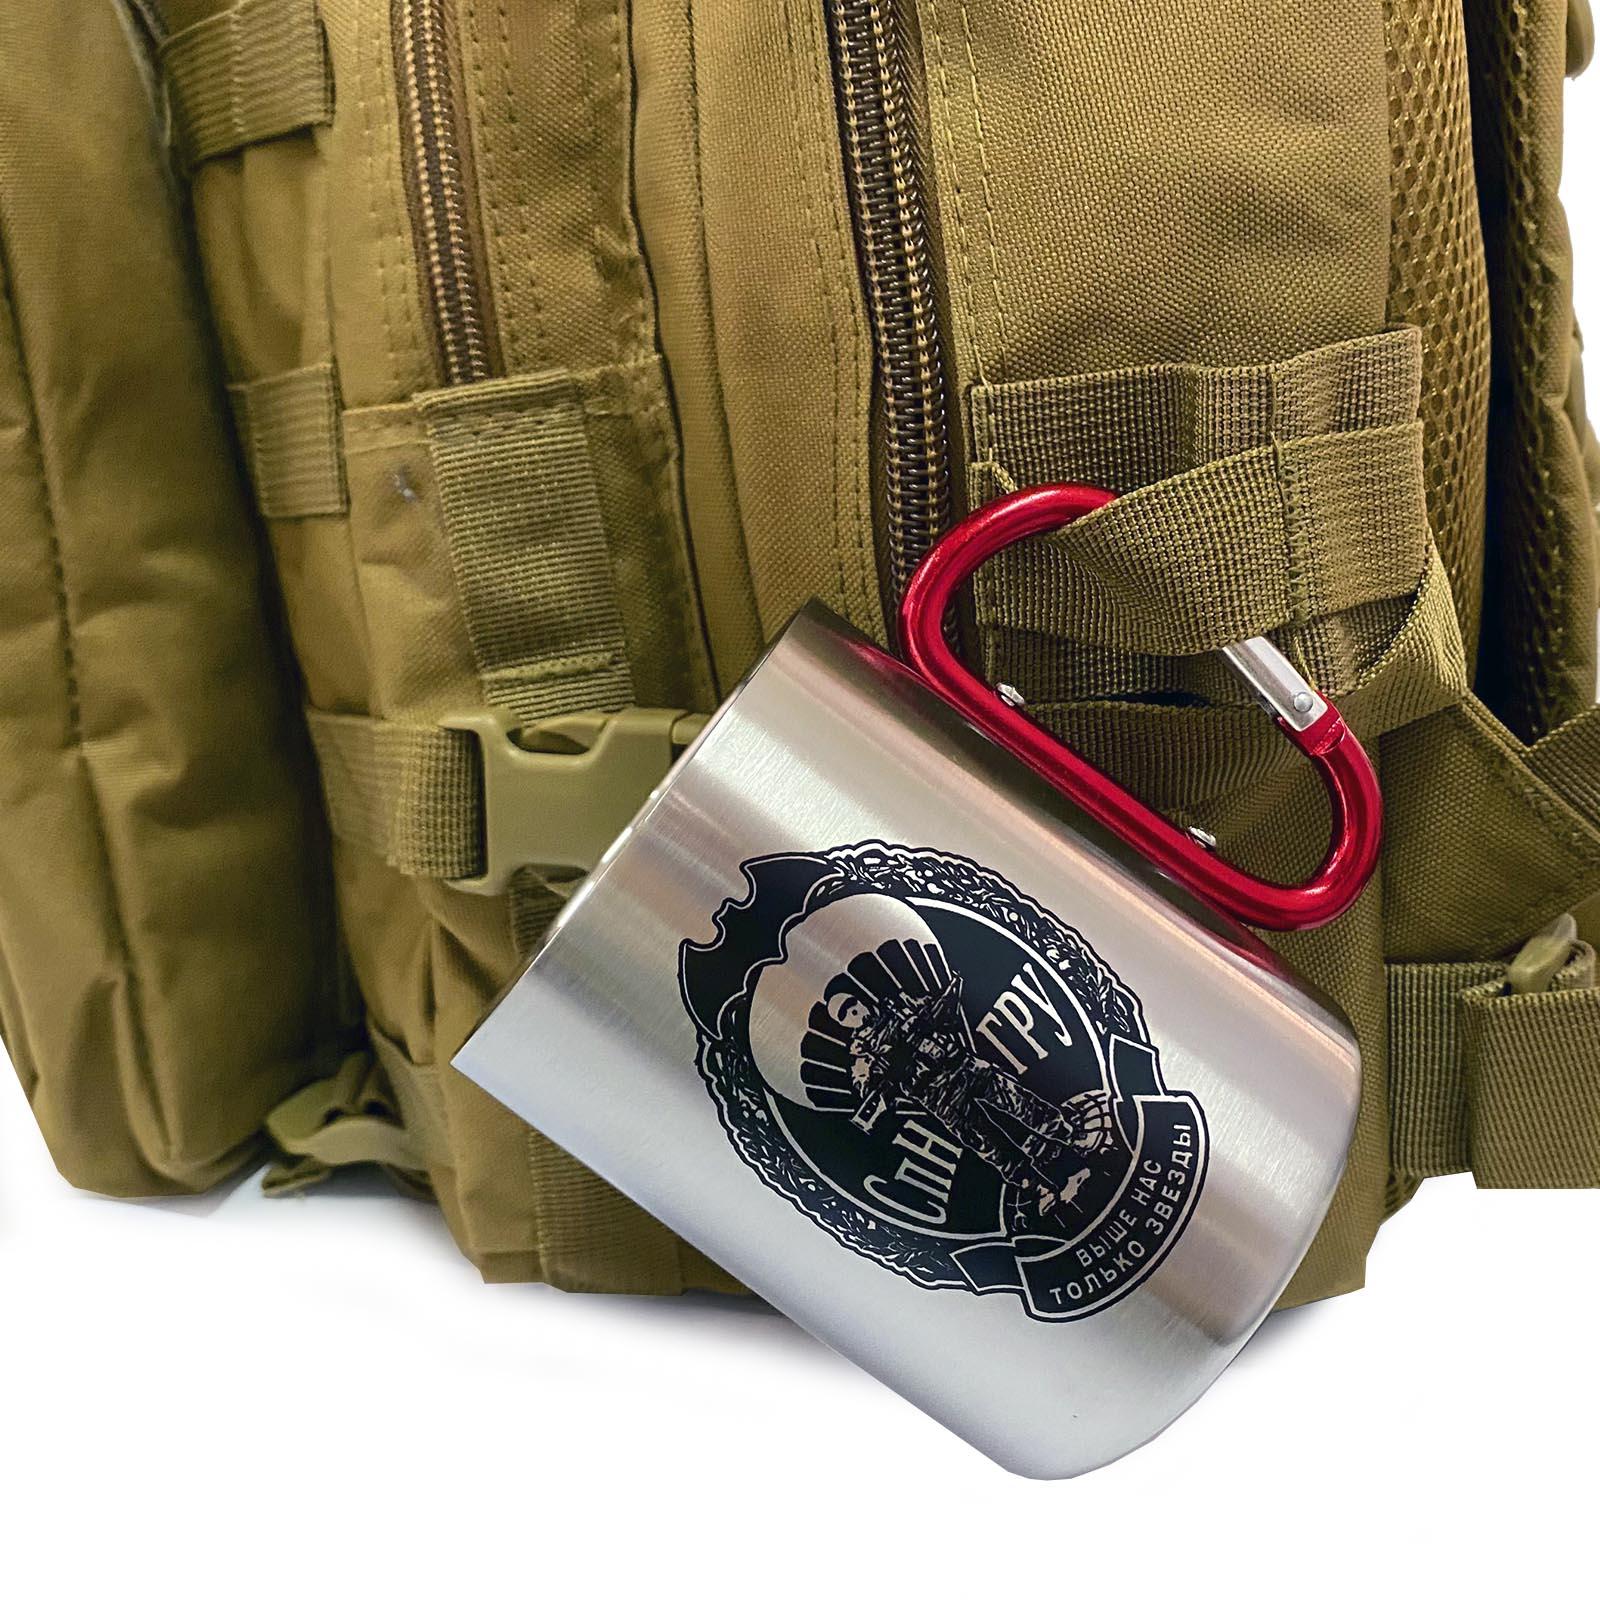 Кружка Спецназ ГРУ с карабином вместо ручки